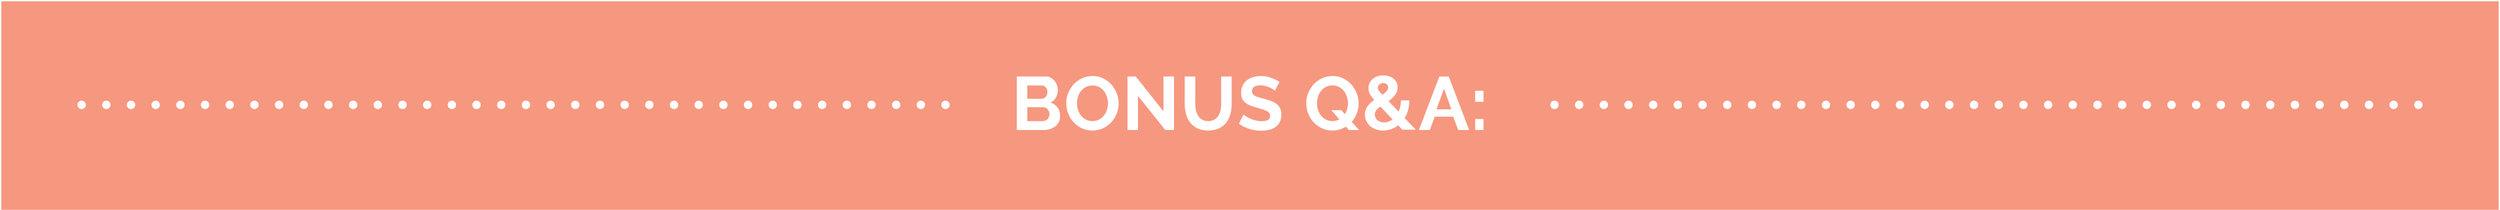 Q&A_v1.jpg